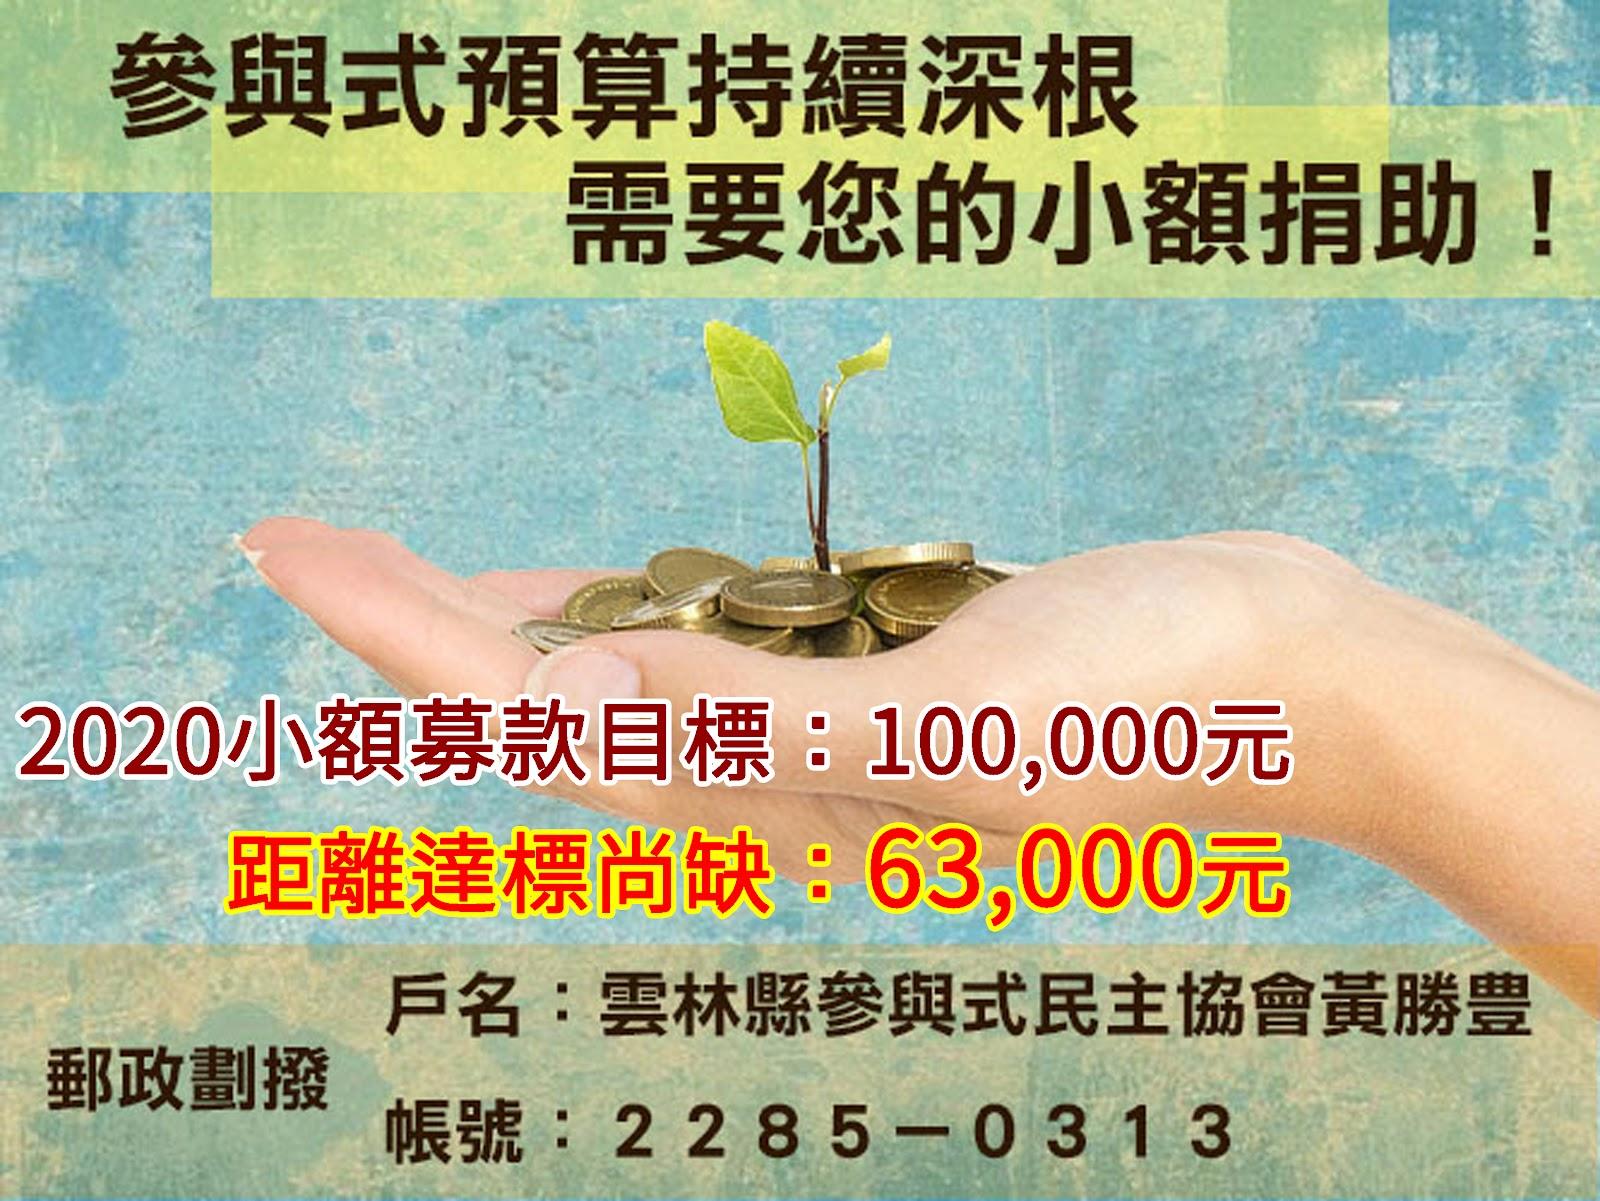 推動參與式預算需要您:本會2020小額募款目標:100,000元;距離達標尚缺63,000元。